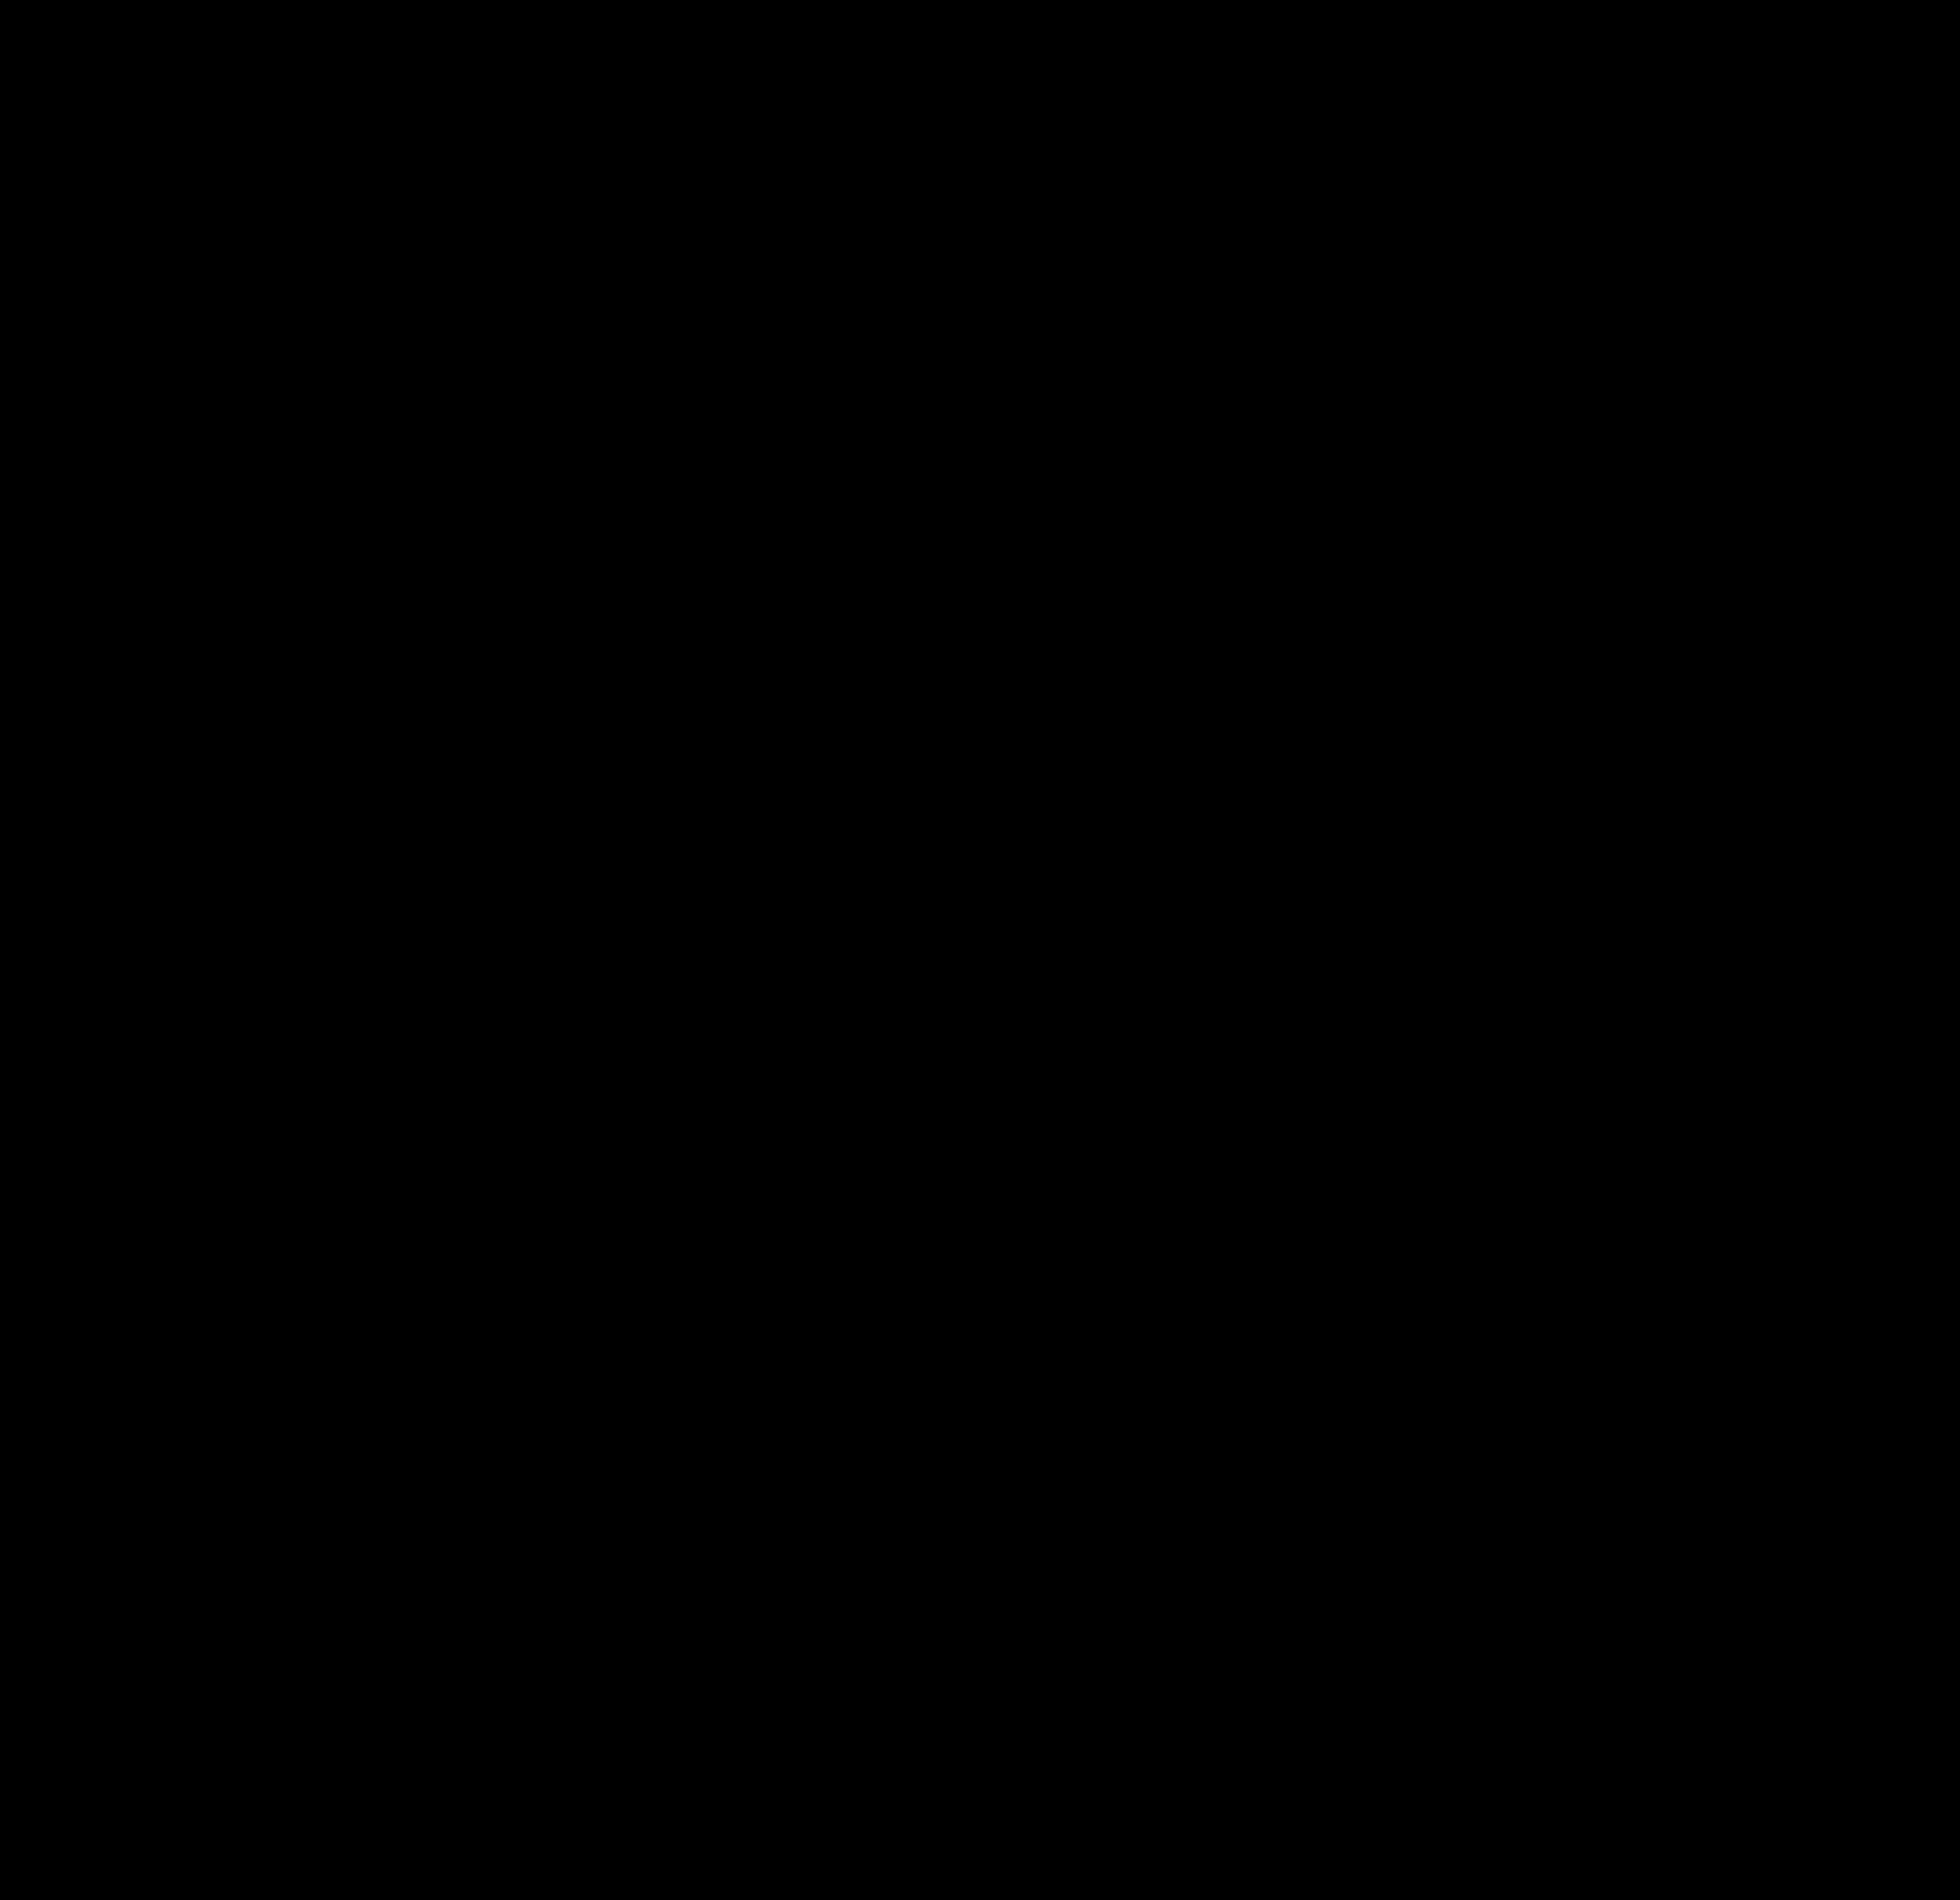 Deliveroo Logo Black & White.png